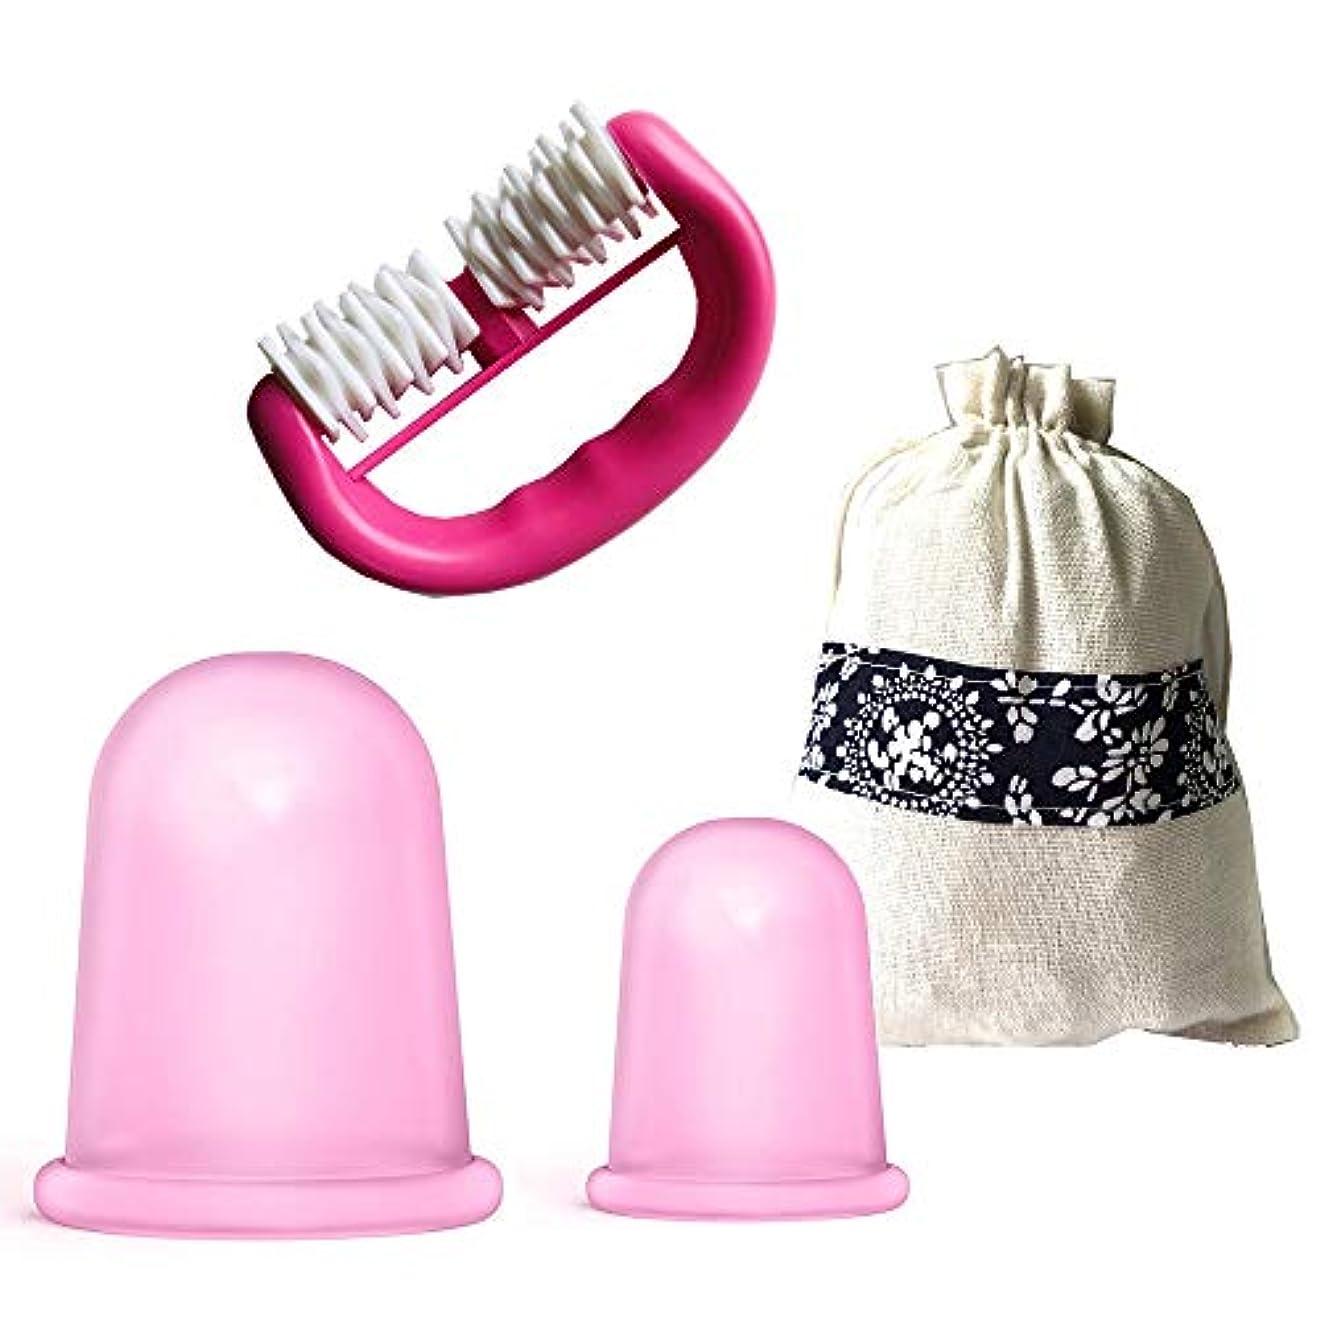 振る舞い砂利種セルライトカッピングセラピーセットシリコンカッピングマッサージカップモイスチャーガシャ+ローラーマッサージャー付きギフトバッグ,Pink